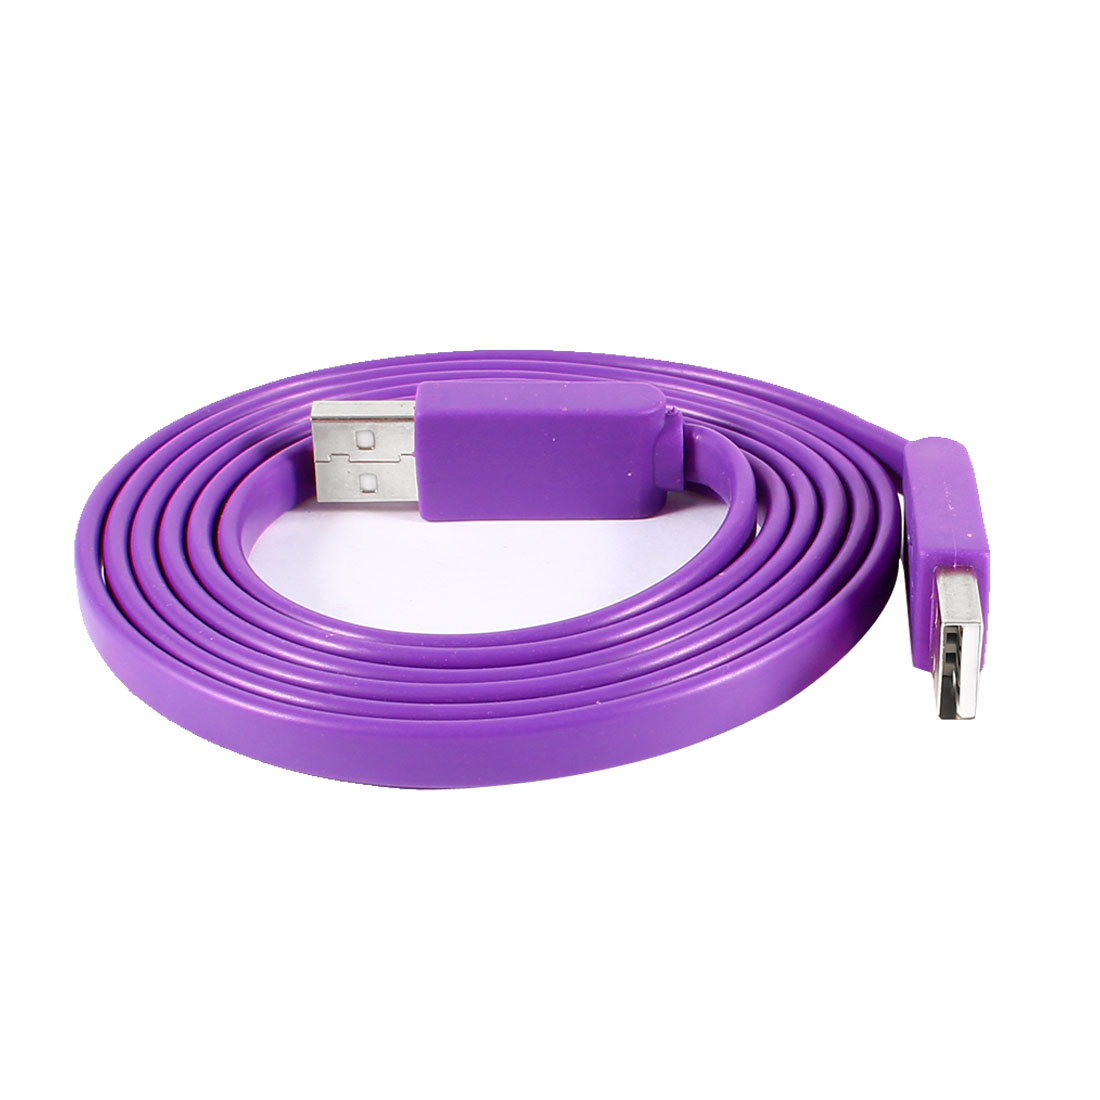 Unique Bargains Purple 5Ft Noodle Design USB Data Cord USB 2.0 A Male to Male Cable